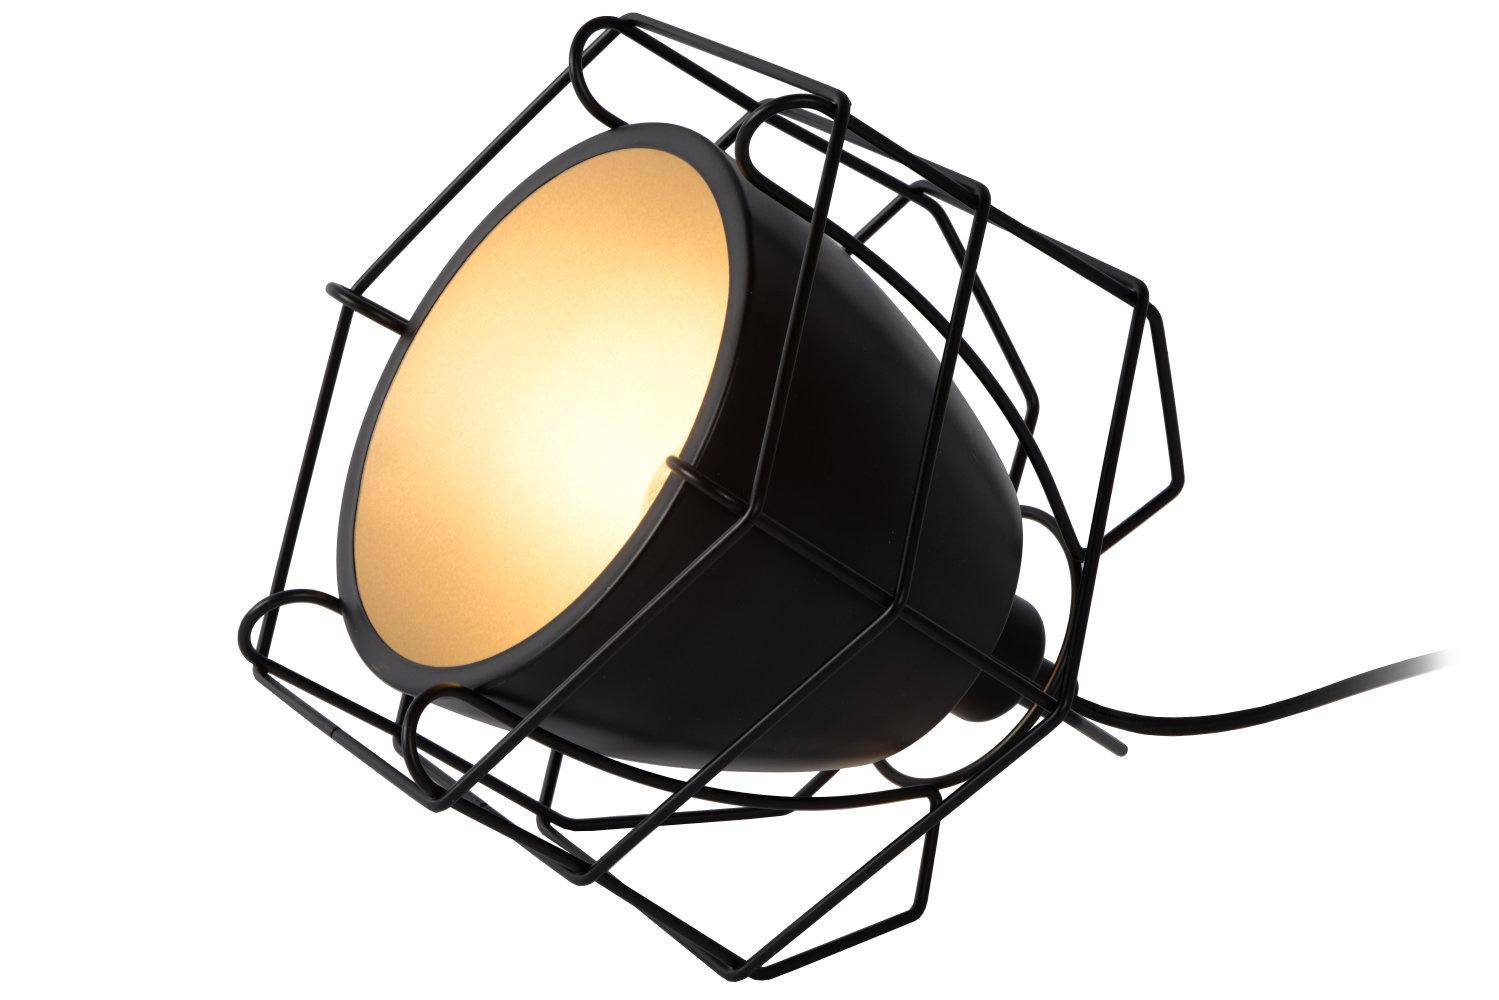 Lucide GRID Tafellamp-Zwart-1xE14-40W-Metaal